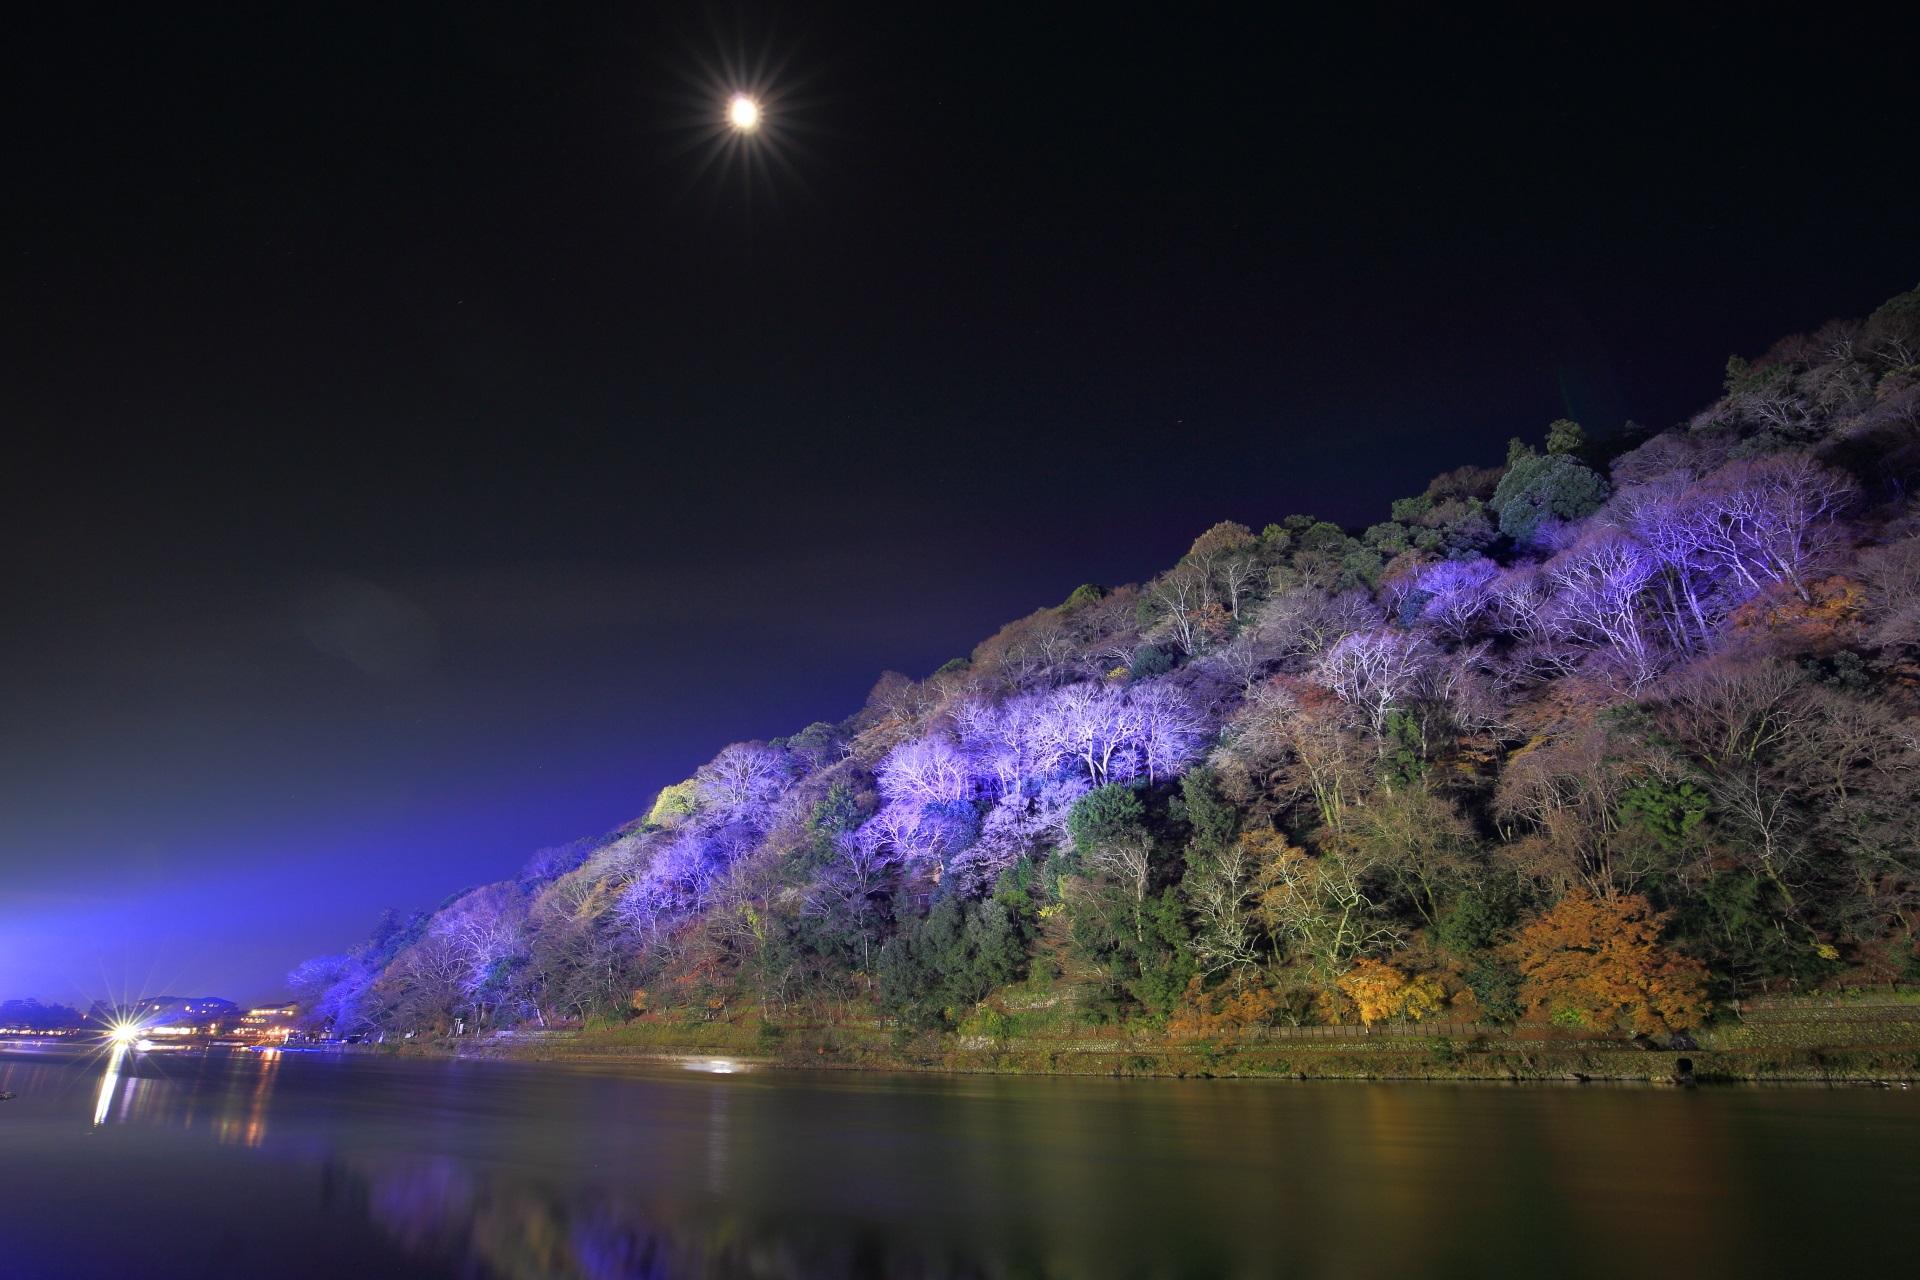 嵐山花灯路の幻想的な嵐山と保津川の夜景と月